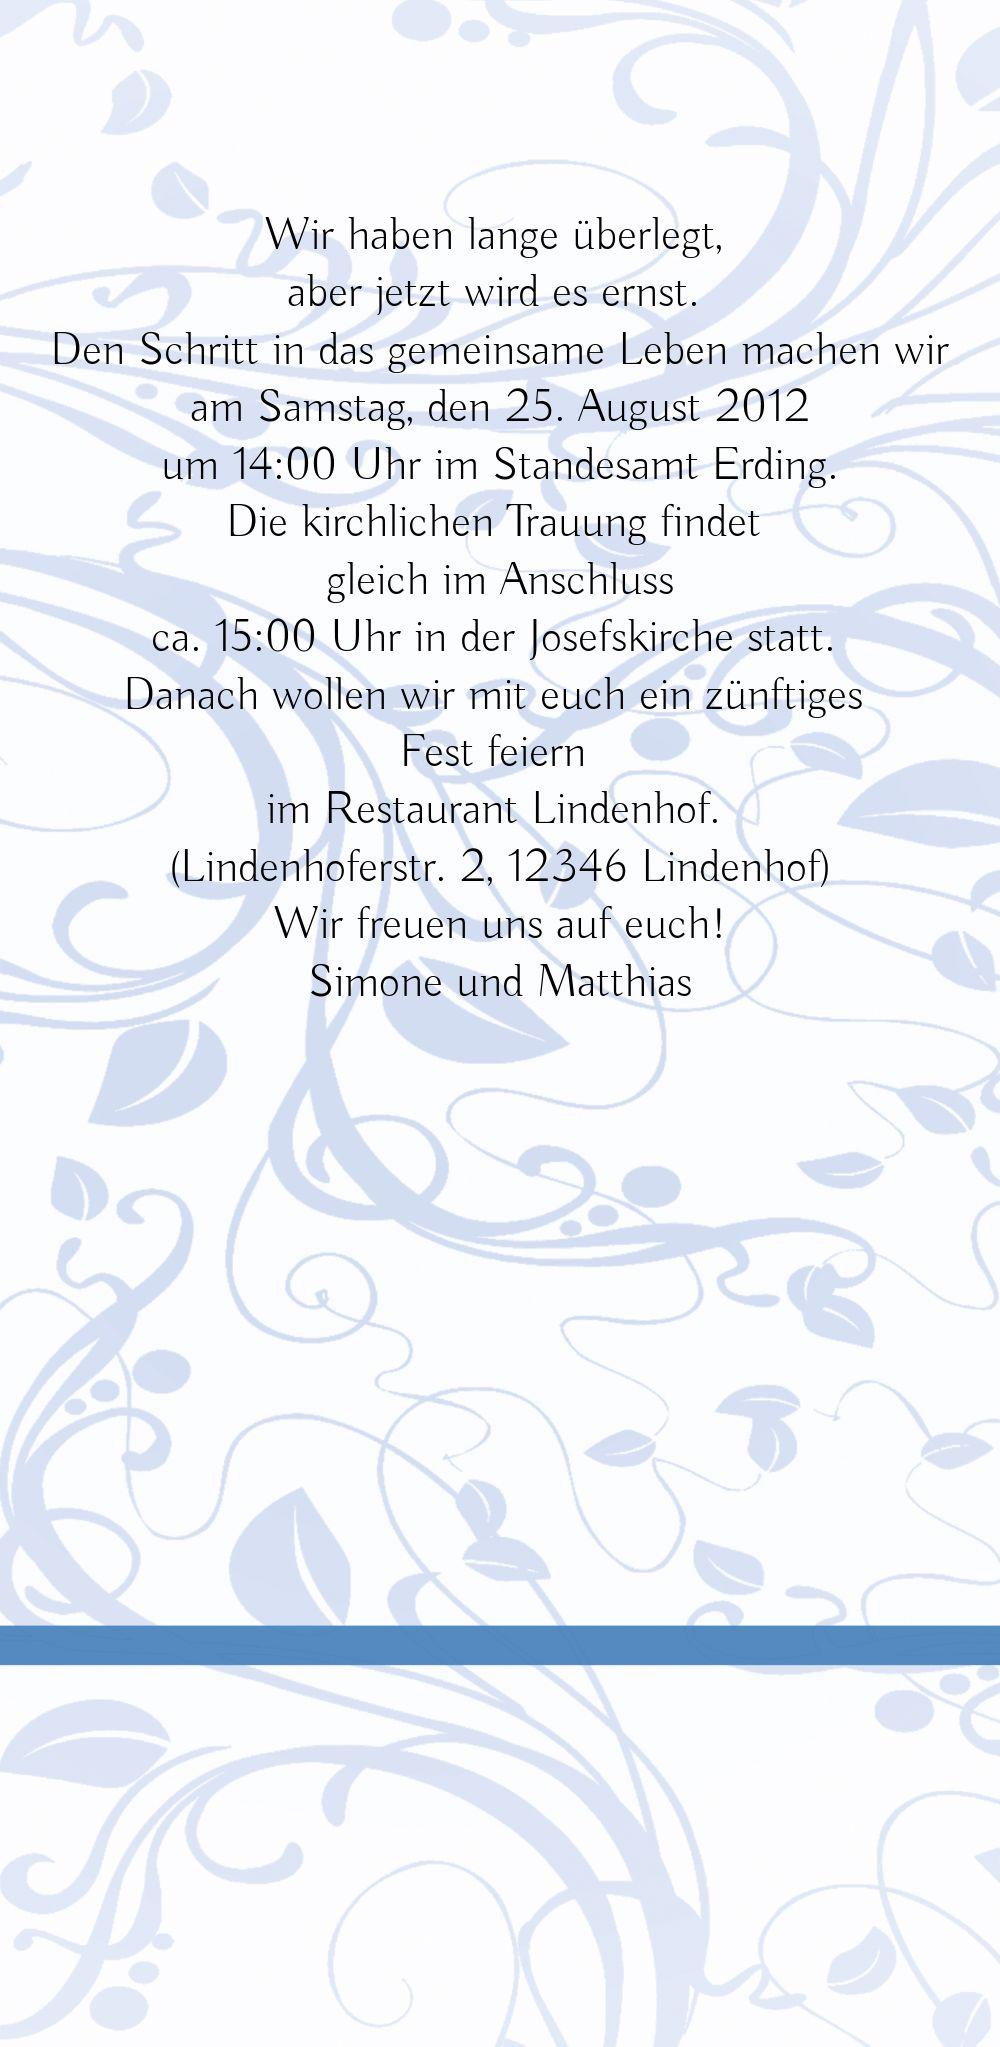 Ansicht 5 - Hochzeit Einladung Blättertraum 2